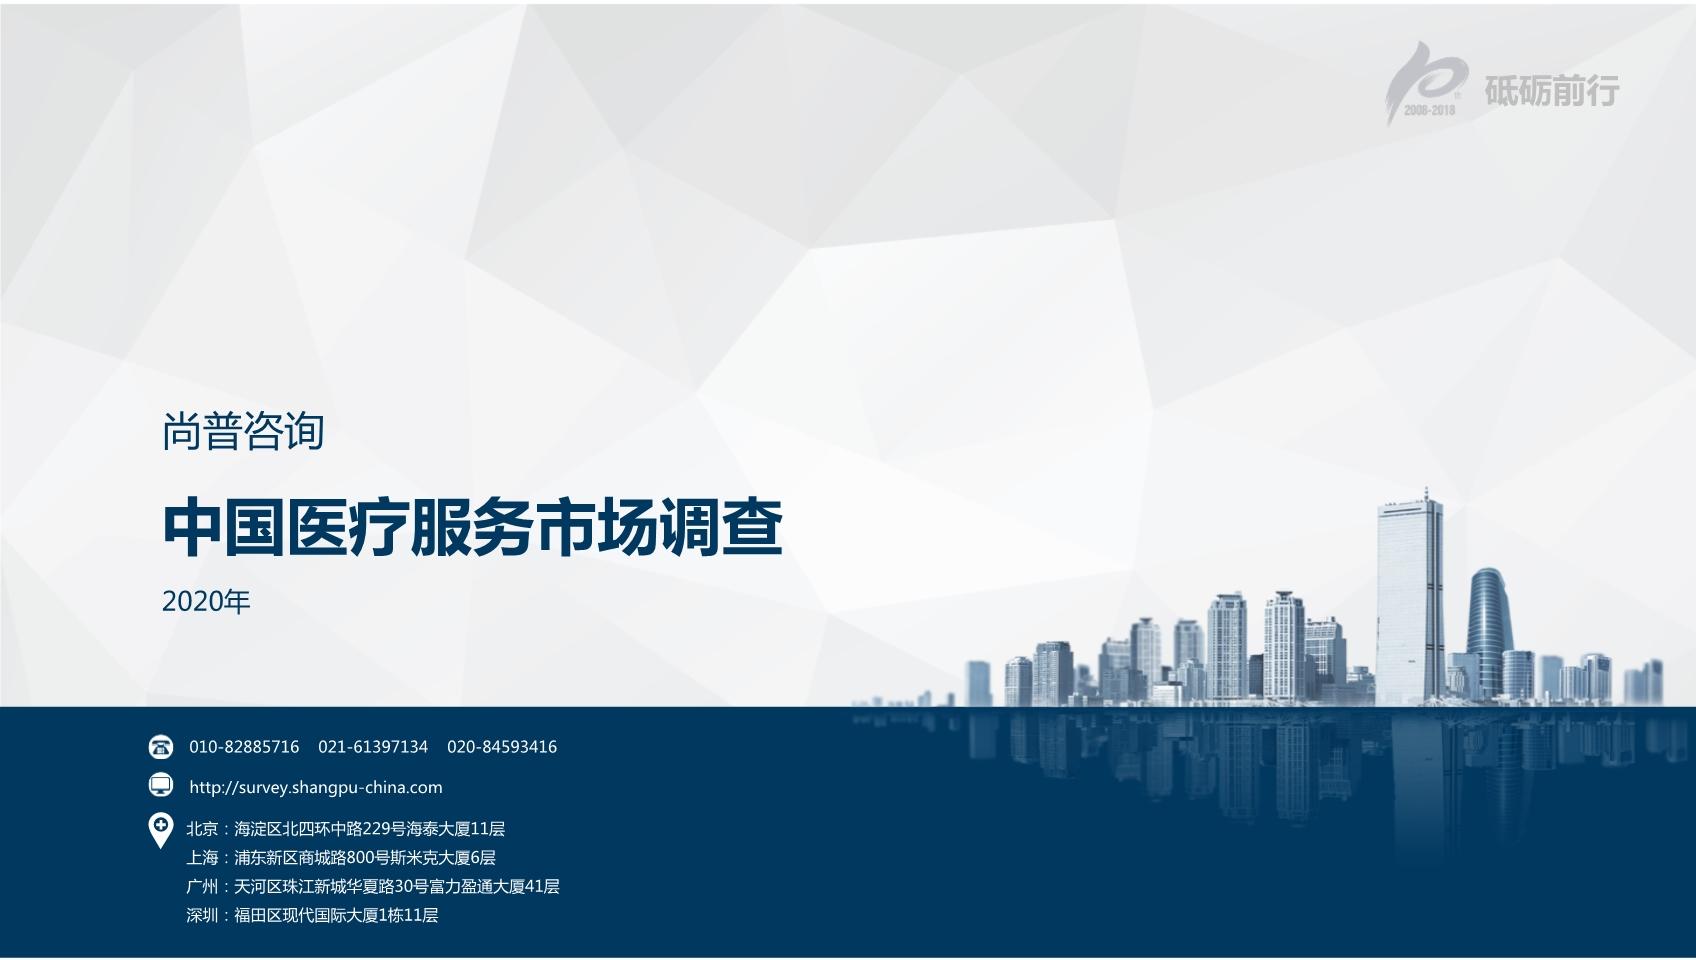 尚普咨询:2020年中国医疗服务市场调查